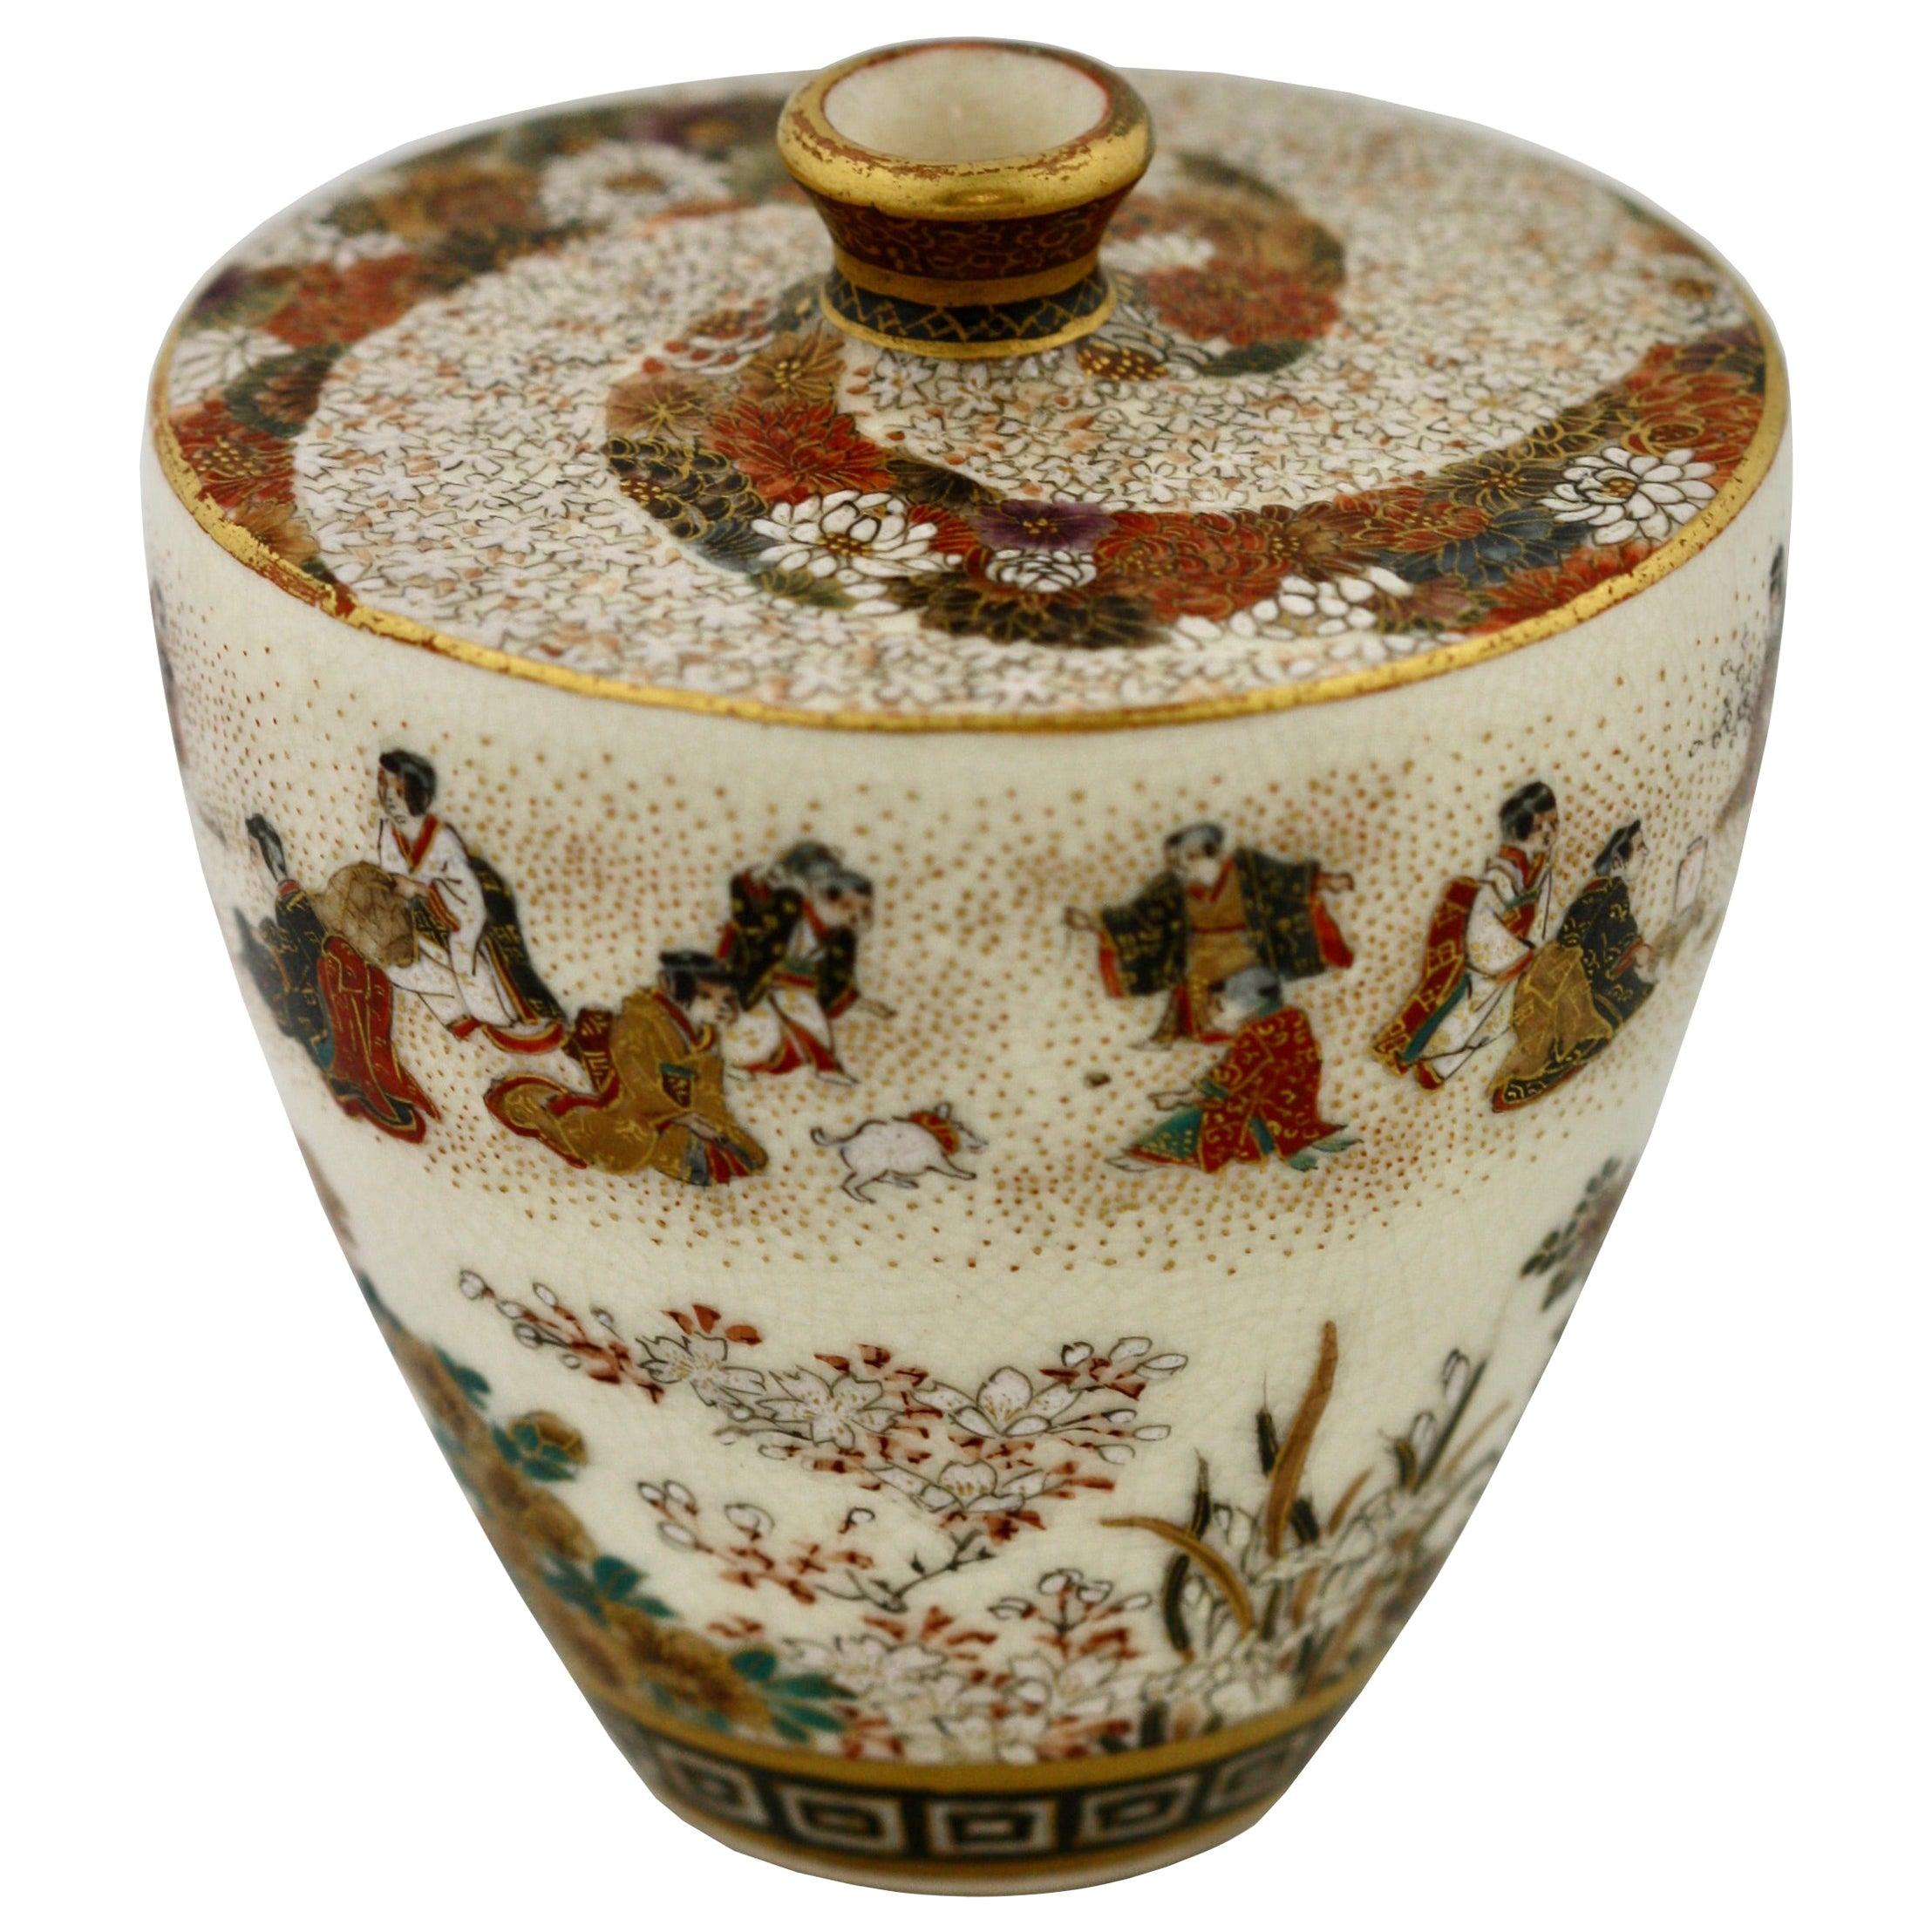 Satsuma Earthenware Flat Shouldered Ovoid Vase, Garlic Mouth by Yabu Meizan